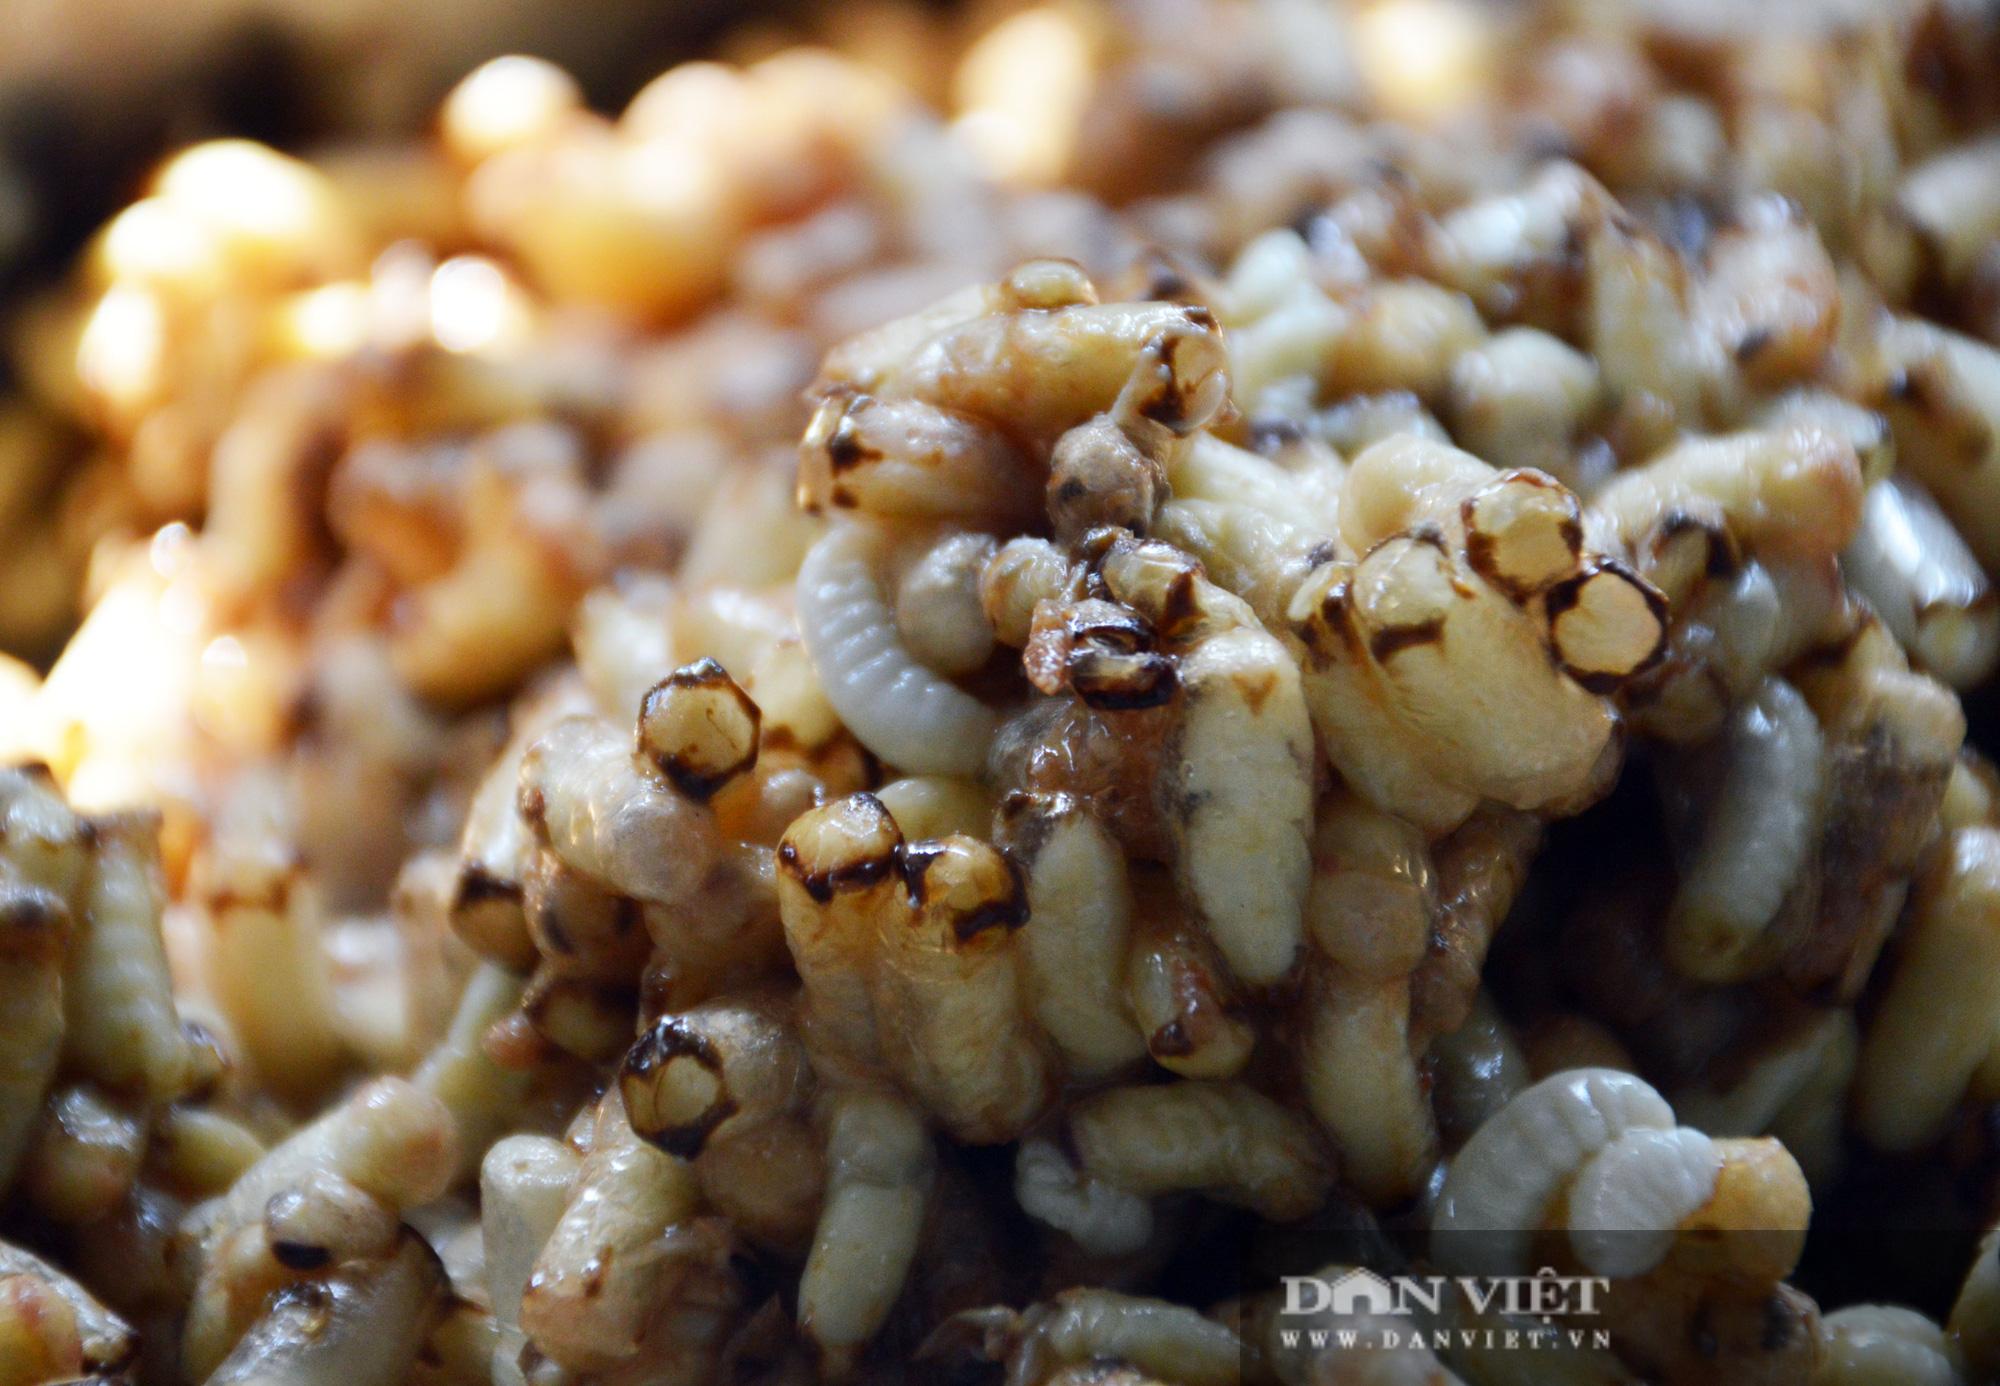 Điểm qua những món đặc sản từ nhộng ong, nhìn thì sợ nhưng ăn thì ghiền - Ảnh 7.